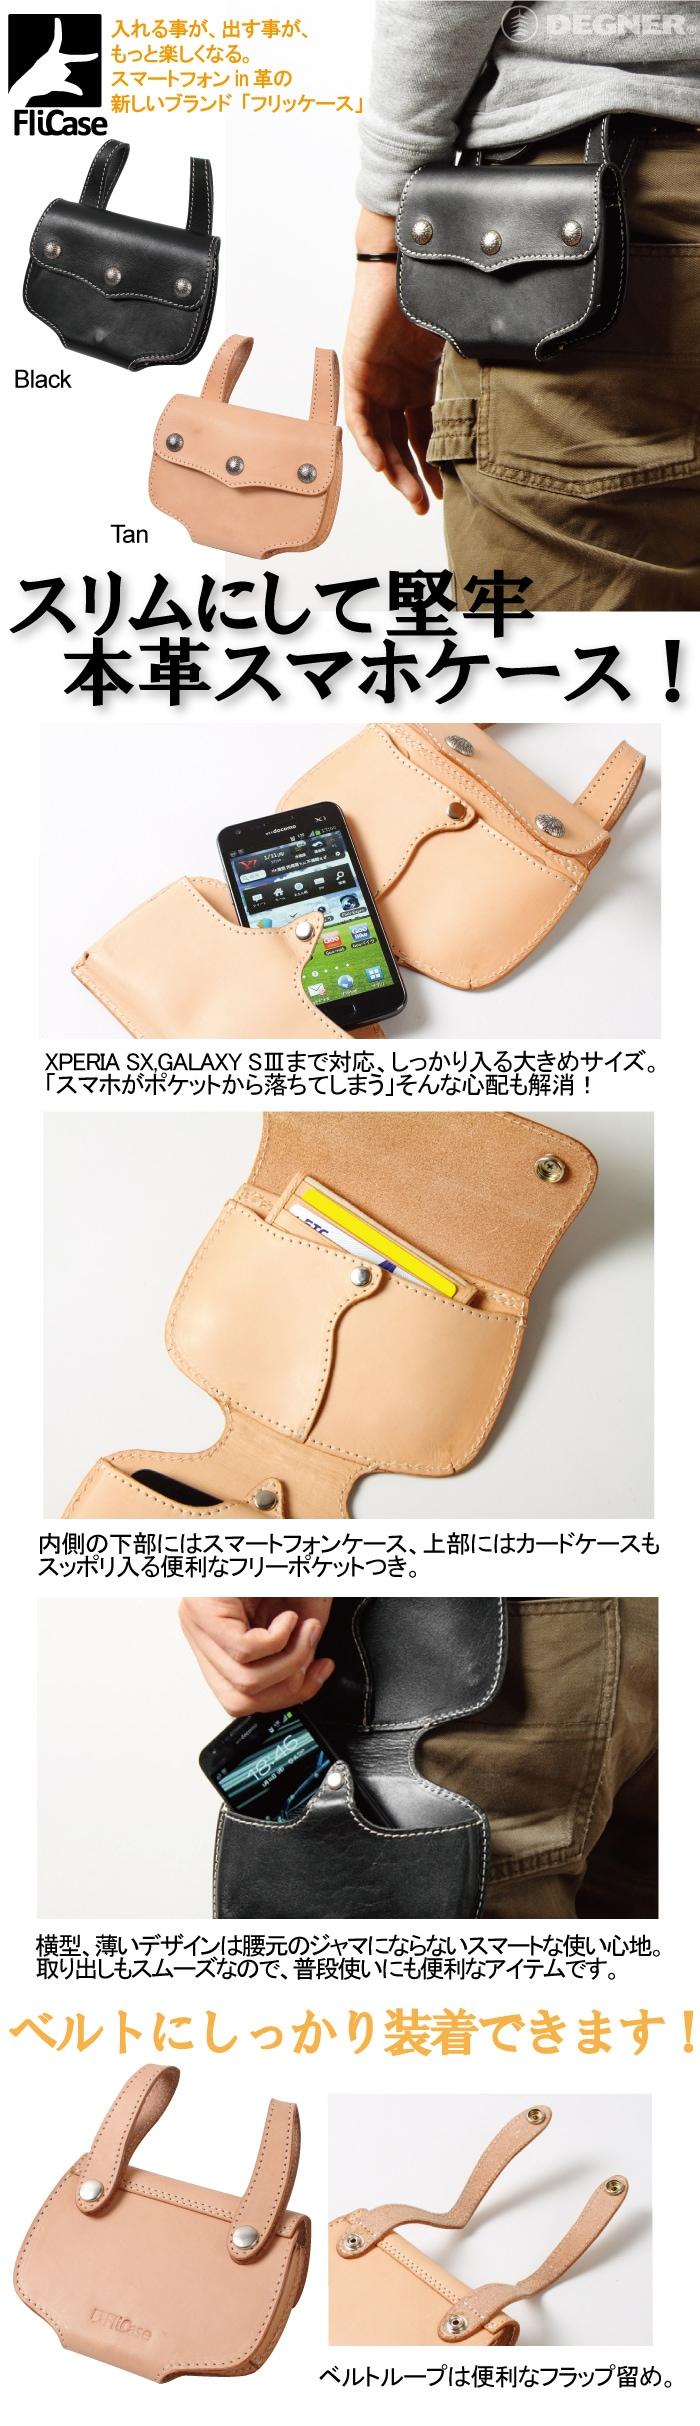 【Flicase/フリッケース】これぞバイカーズデザイン!横型スマートフォンケース【DEGNER/デグナー】